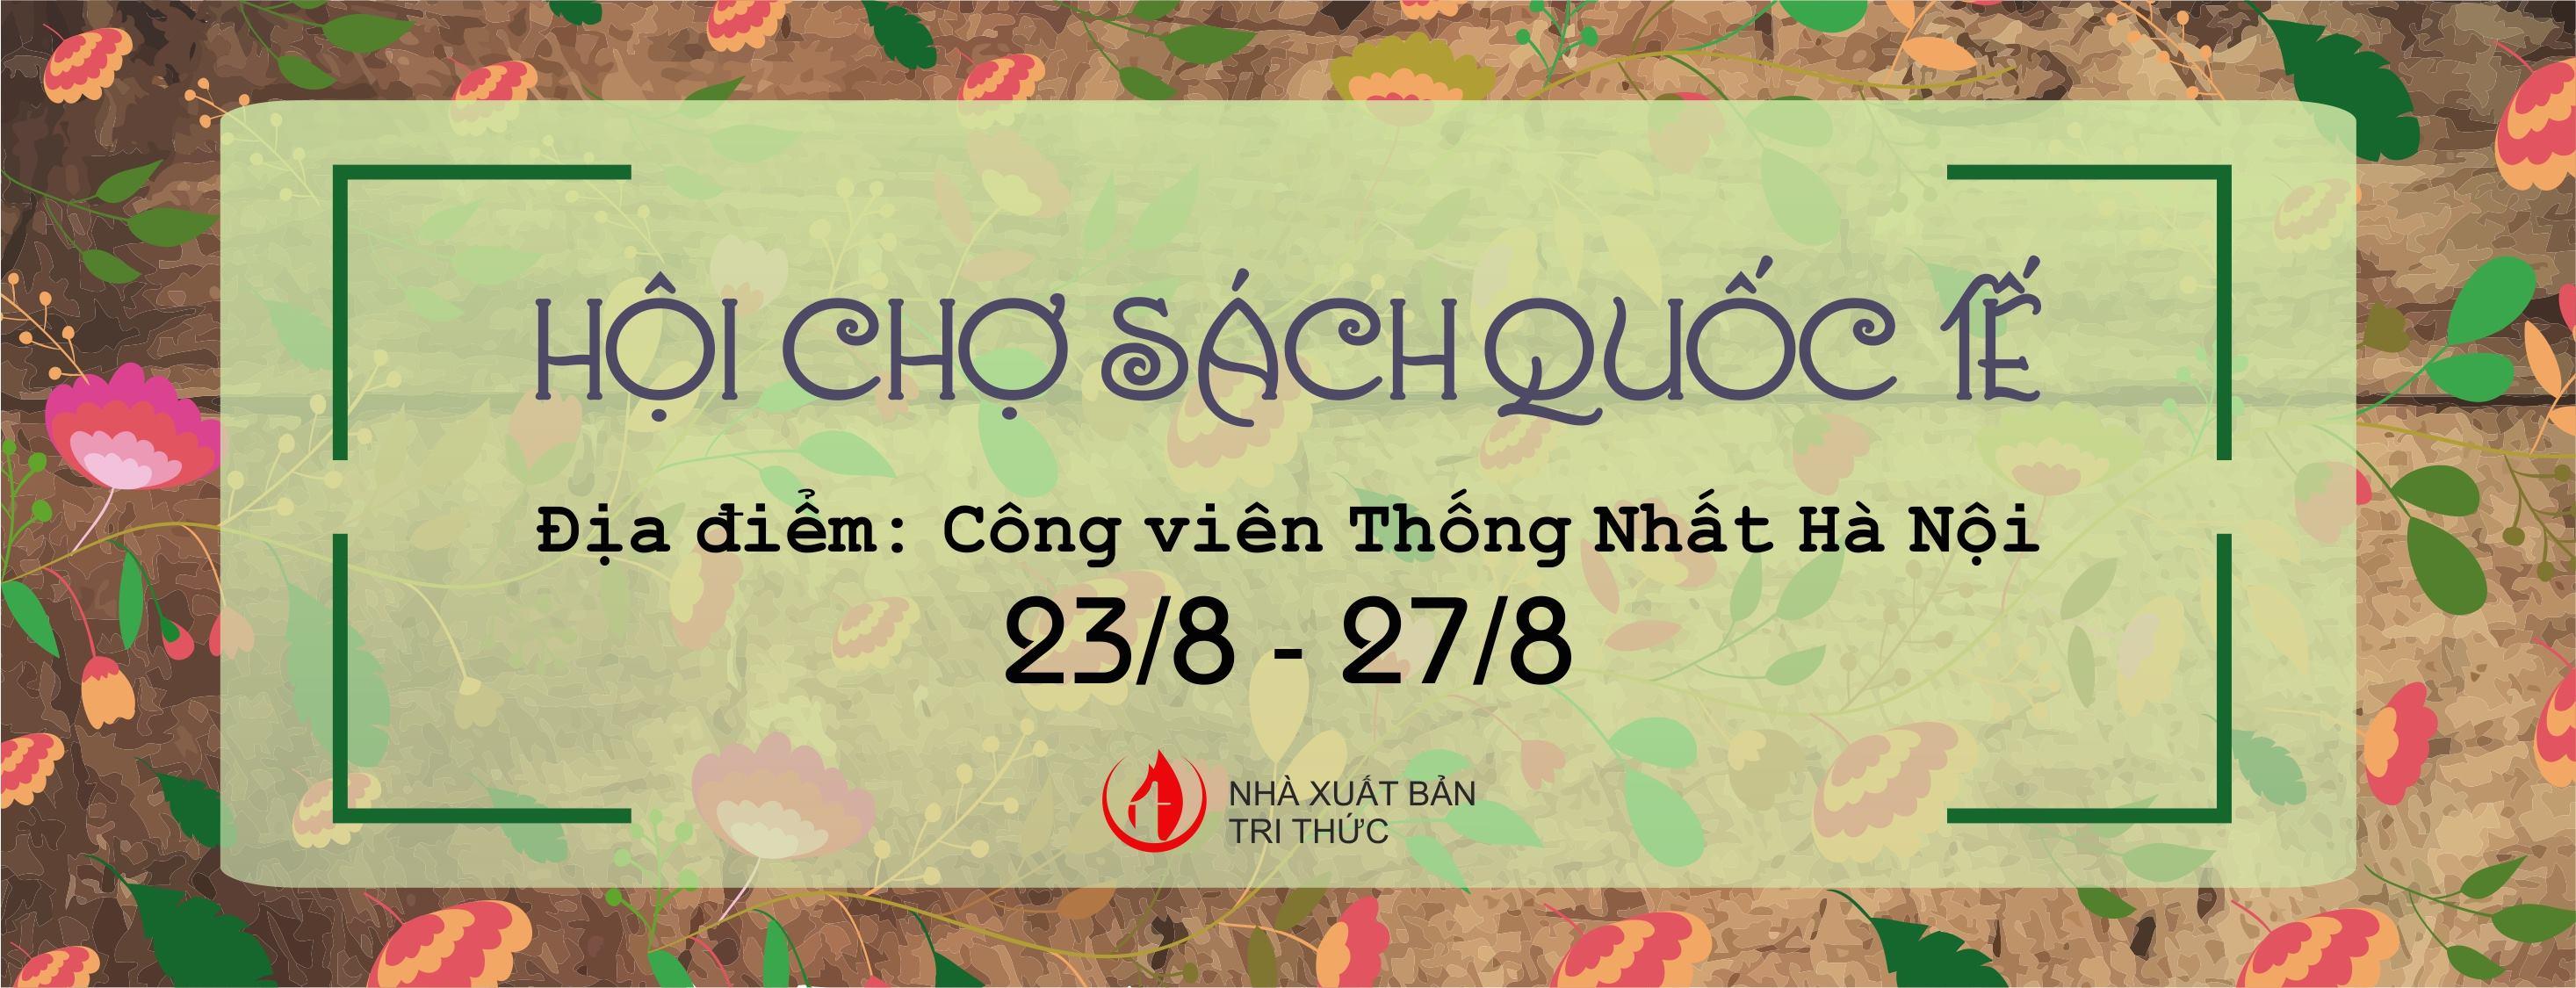 Nhà xuất bản Tri thức THÔNG BÁO CHƯƠNG TRÌNH TRIỂN LÃM - HỘI CHỢ SÁCH QUỐC TẾ LẦN THỨ VI NĂM 2017